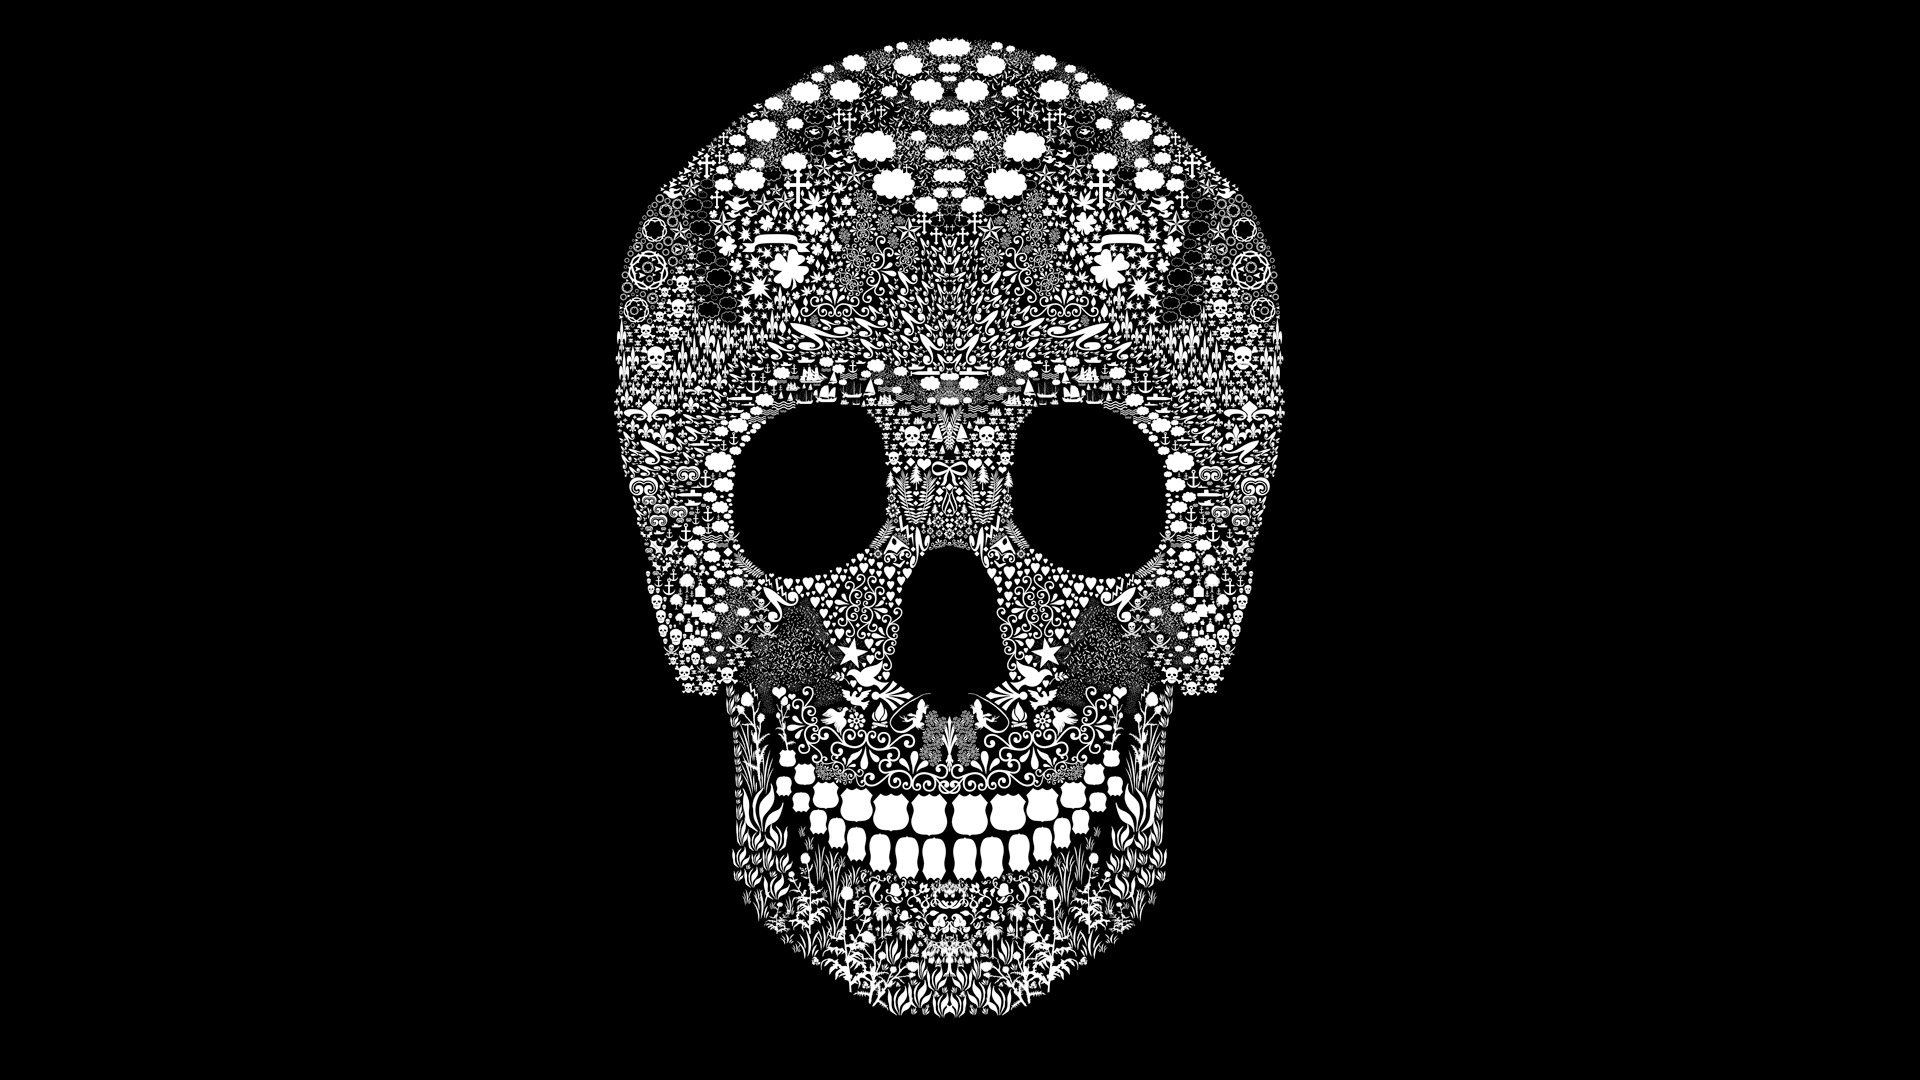 fav 0 rate 0 tweet 1920x1080 vector skull sugar skull resolution 1920x1080